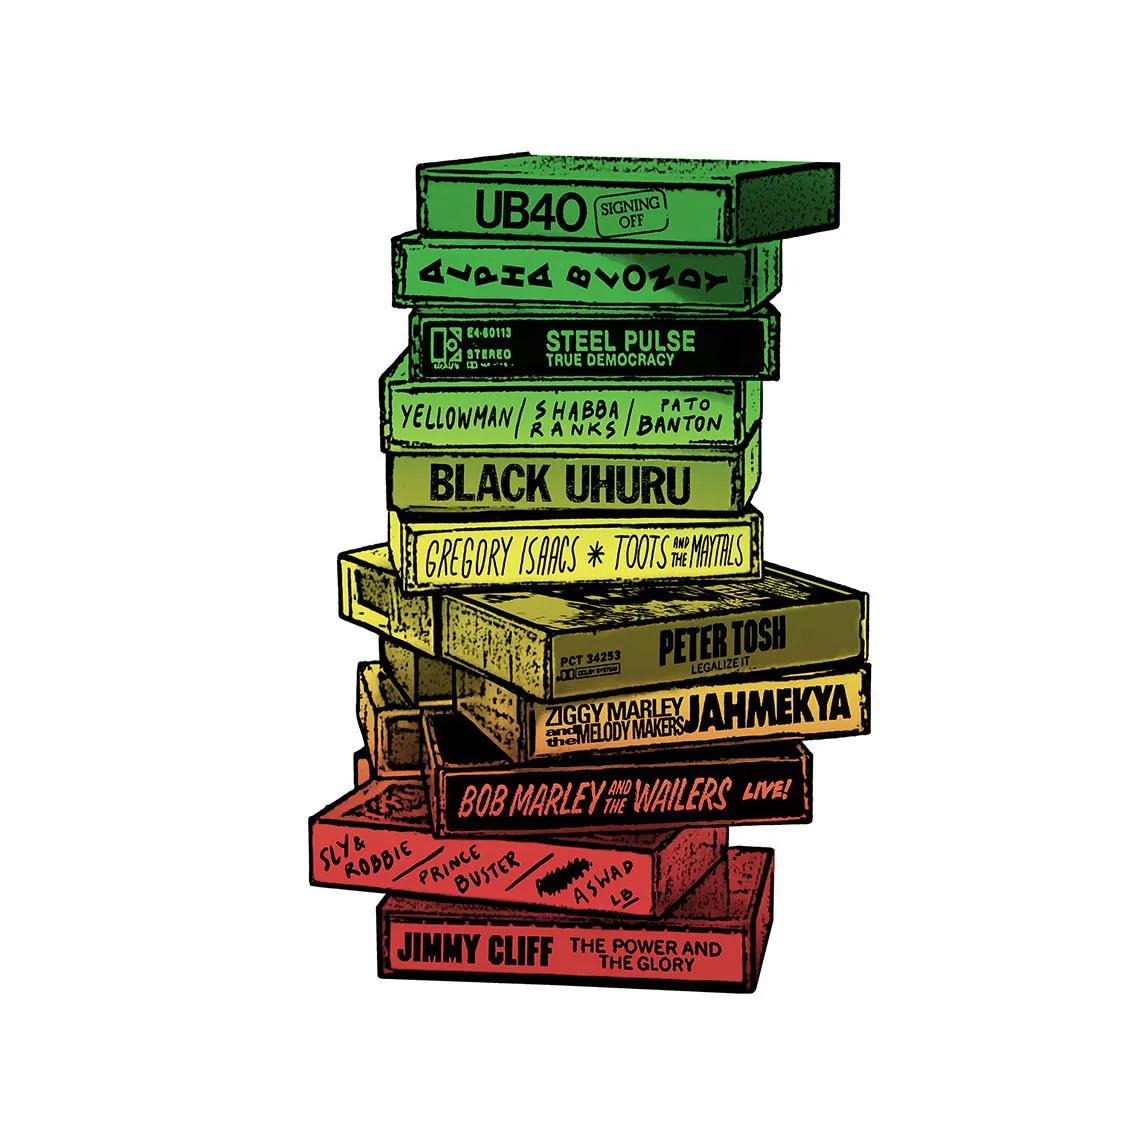 Quadro A4 - Tapes Reggae